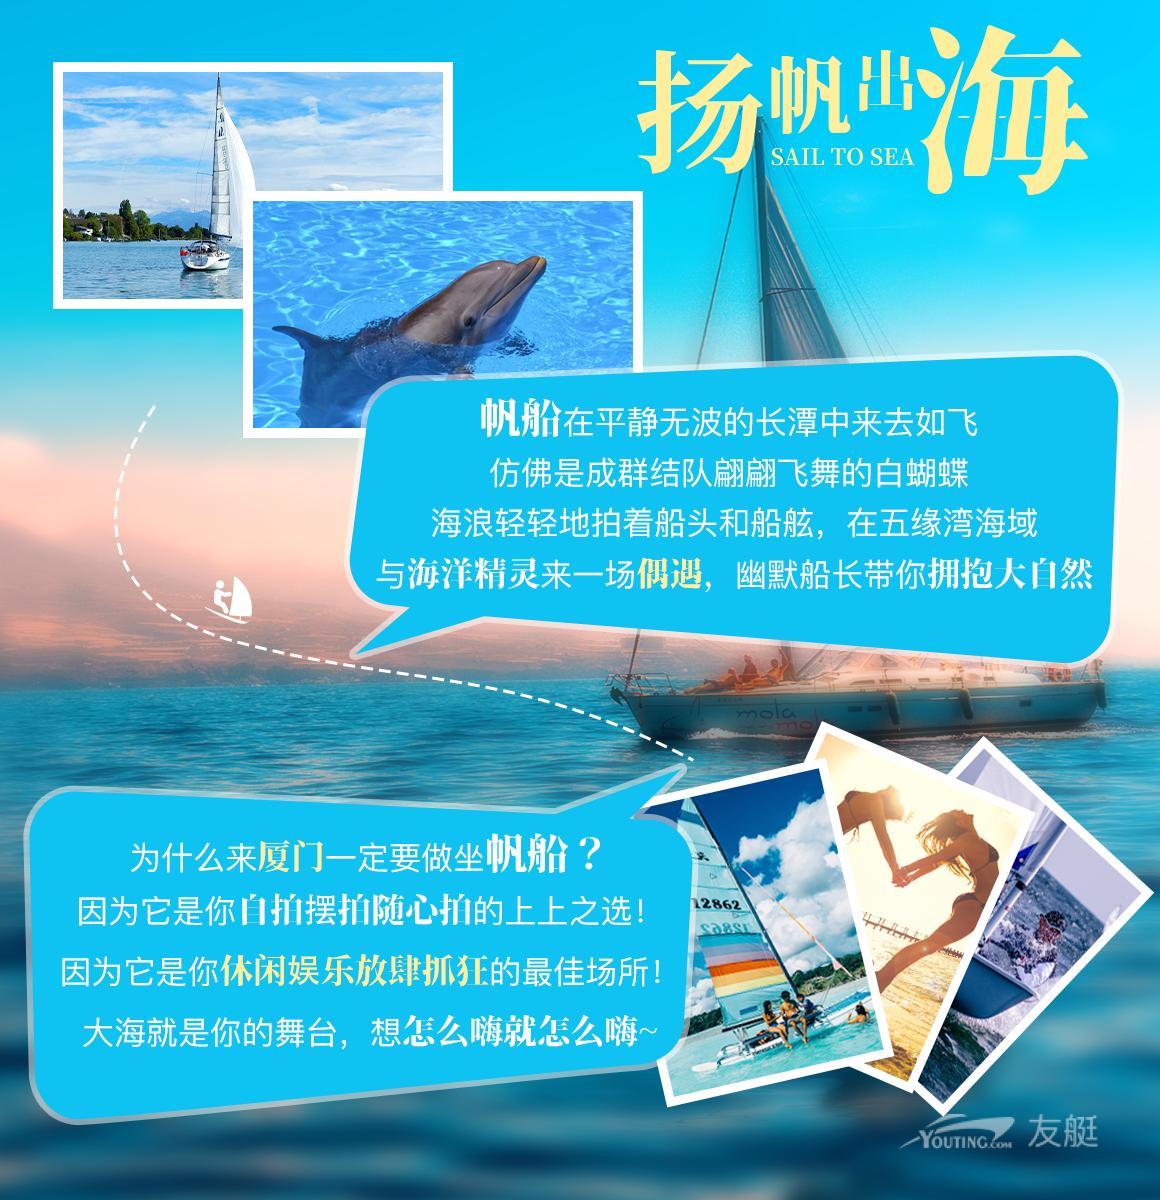 五缘湾帆船出海体验